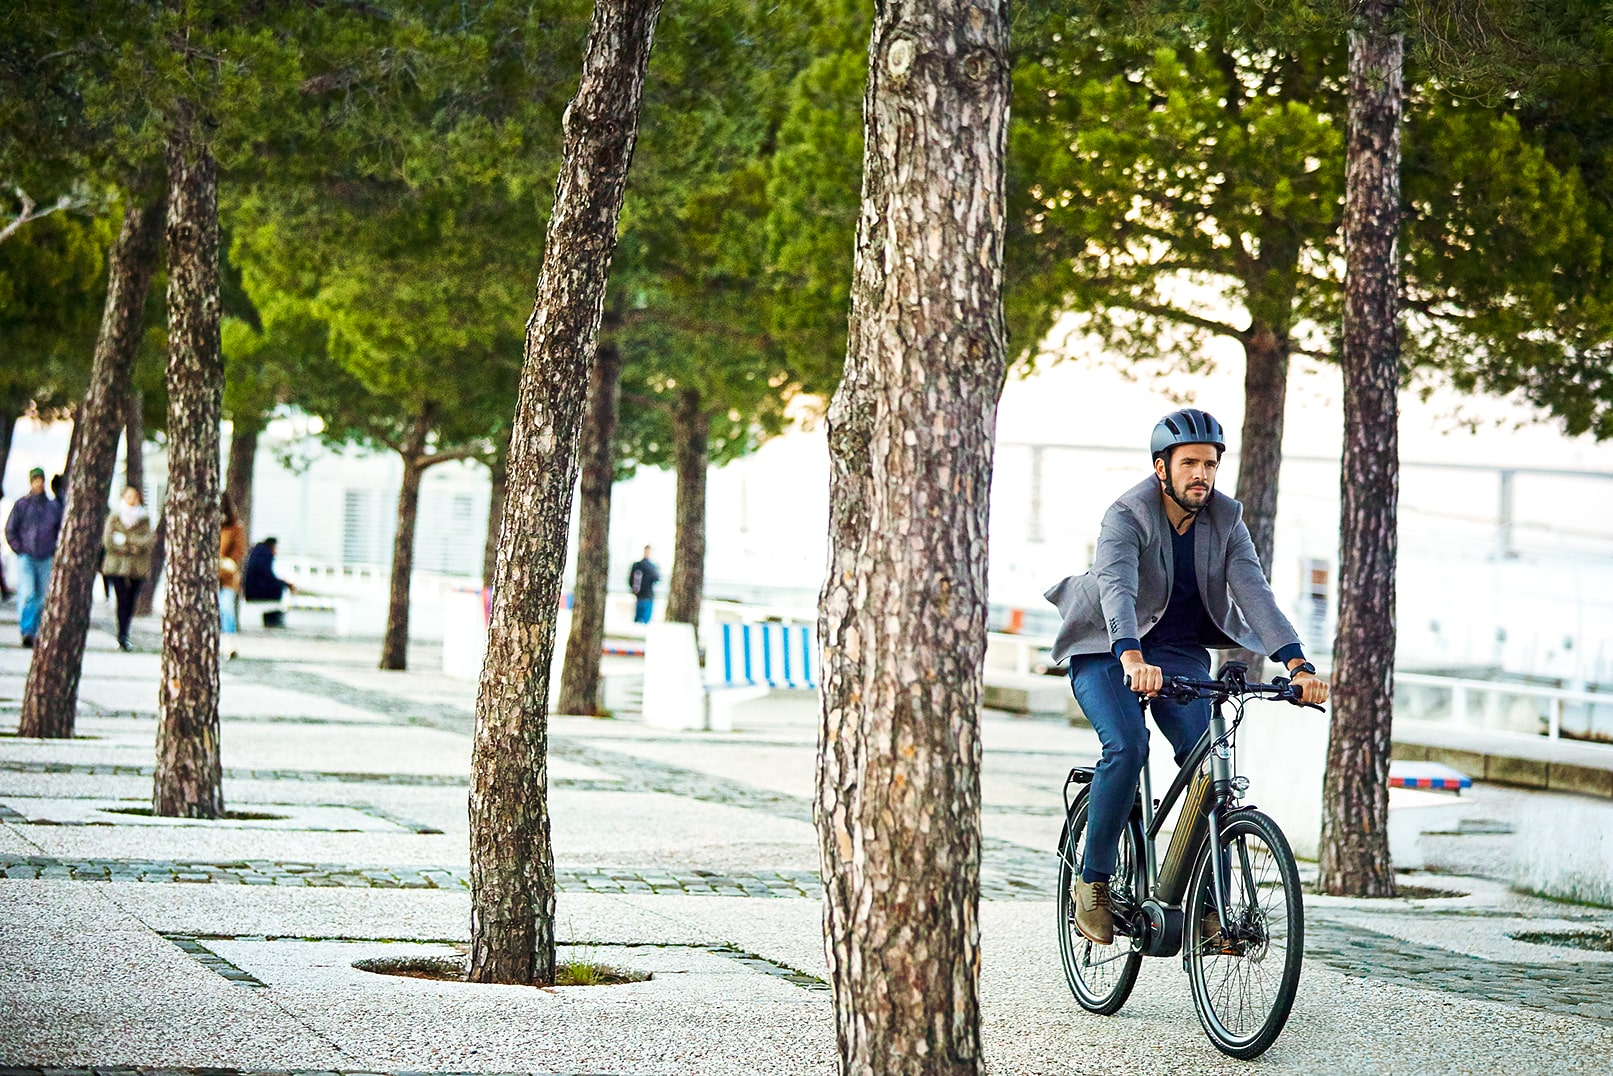 Man on bicycle | CityZen T10